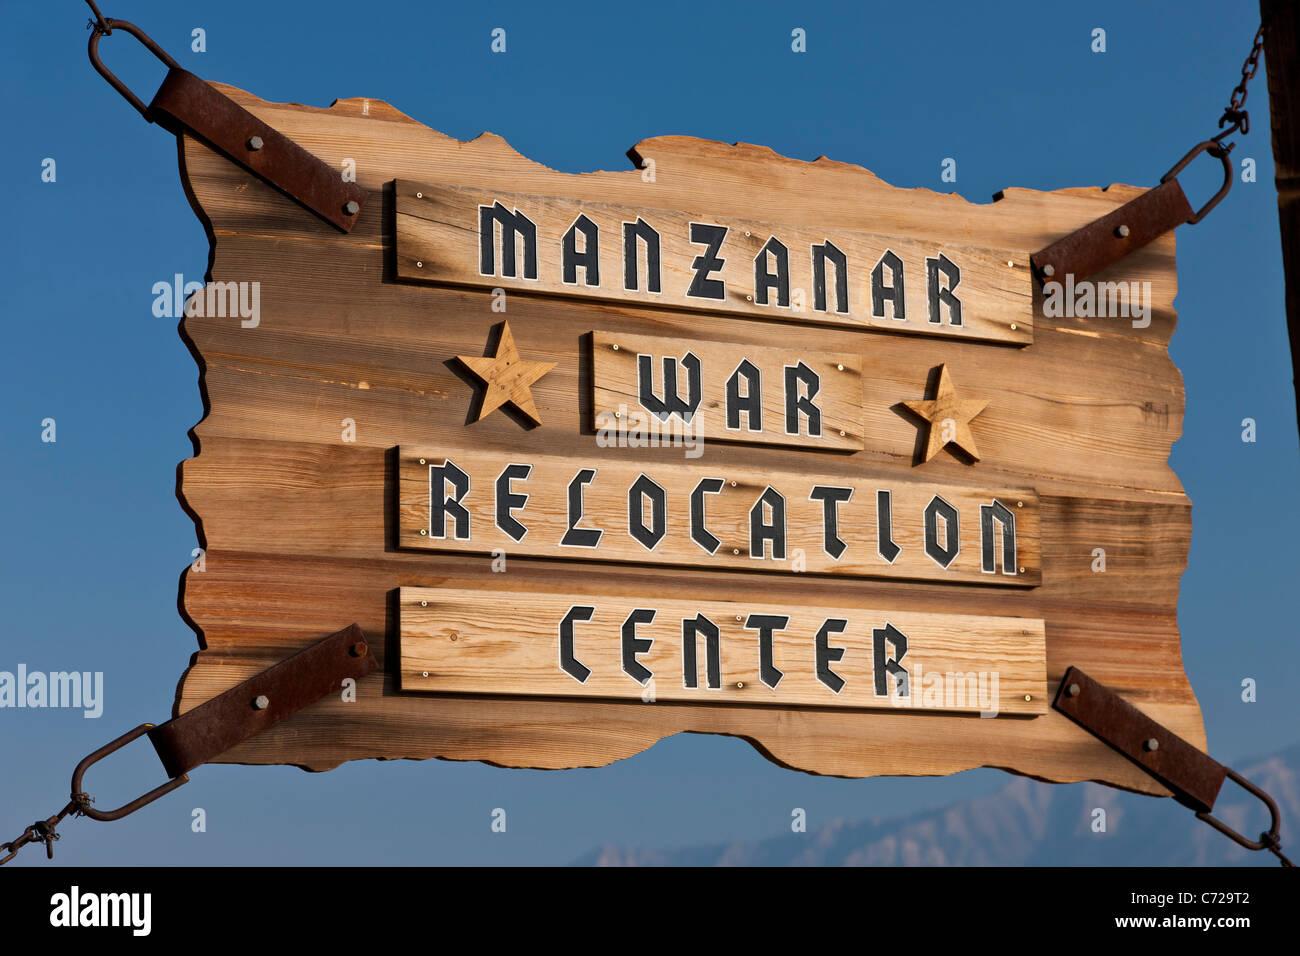 Melden Sie sich am Eingang zum Manzanar War Relocation Center, Unabhängigkeit, Kalifornien, USA. JMH5302 Stockbild